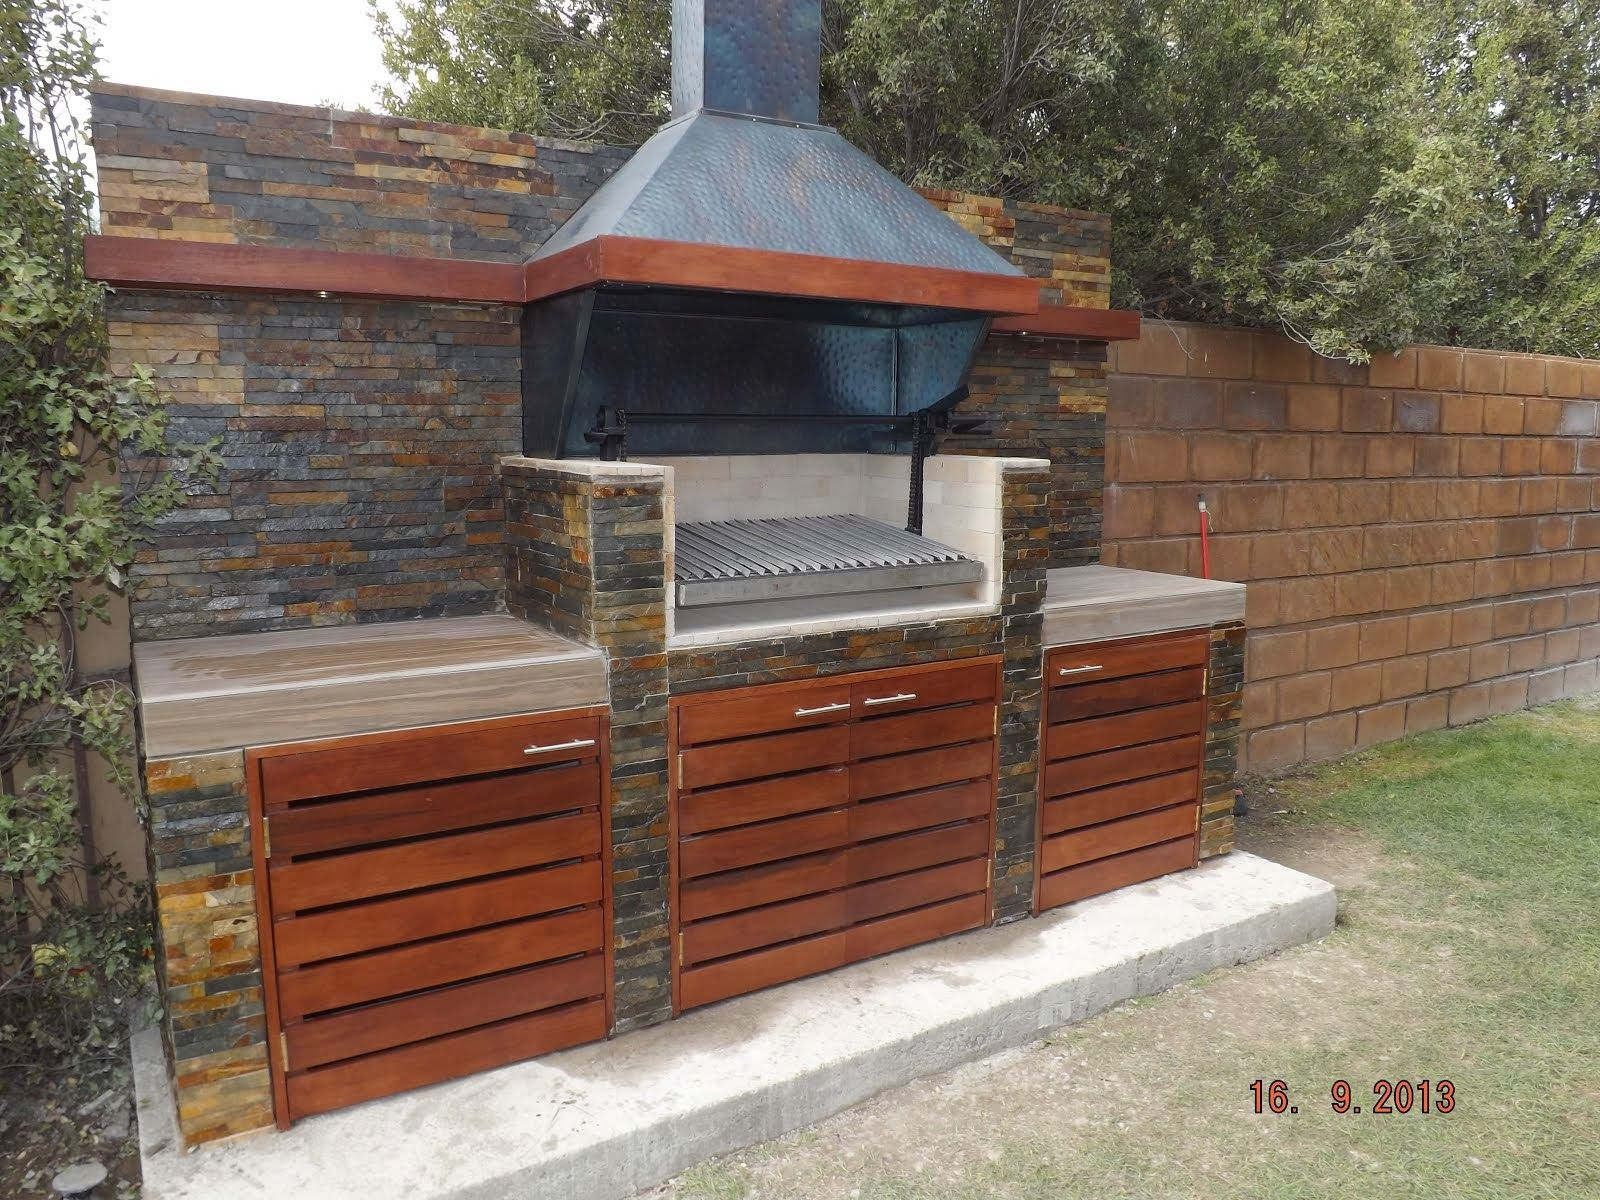 Quincho rquinteros asadores pinterest asador for Parrillas para casas modernas